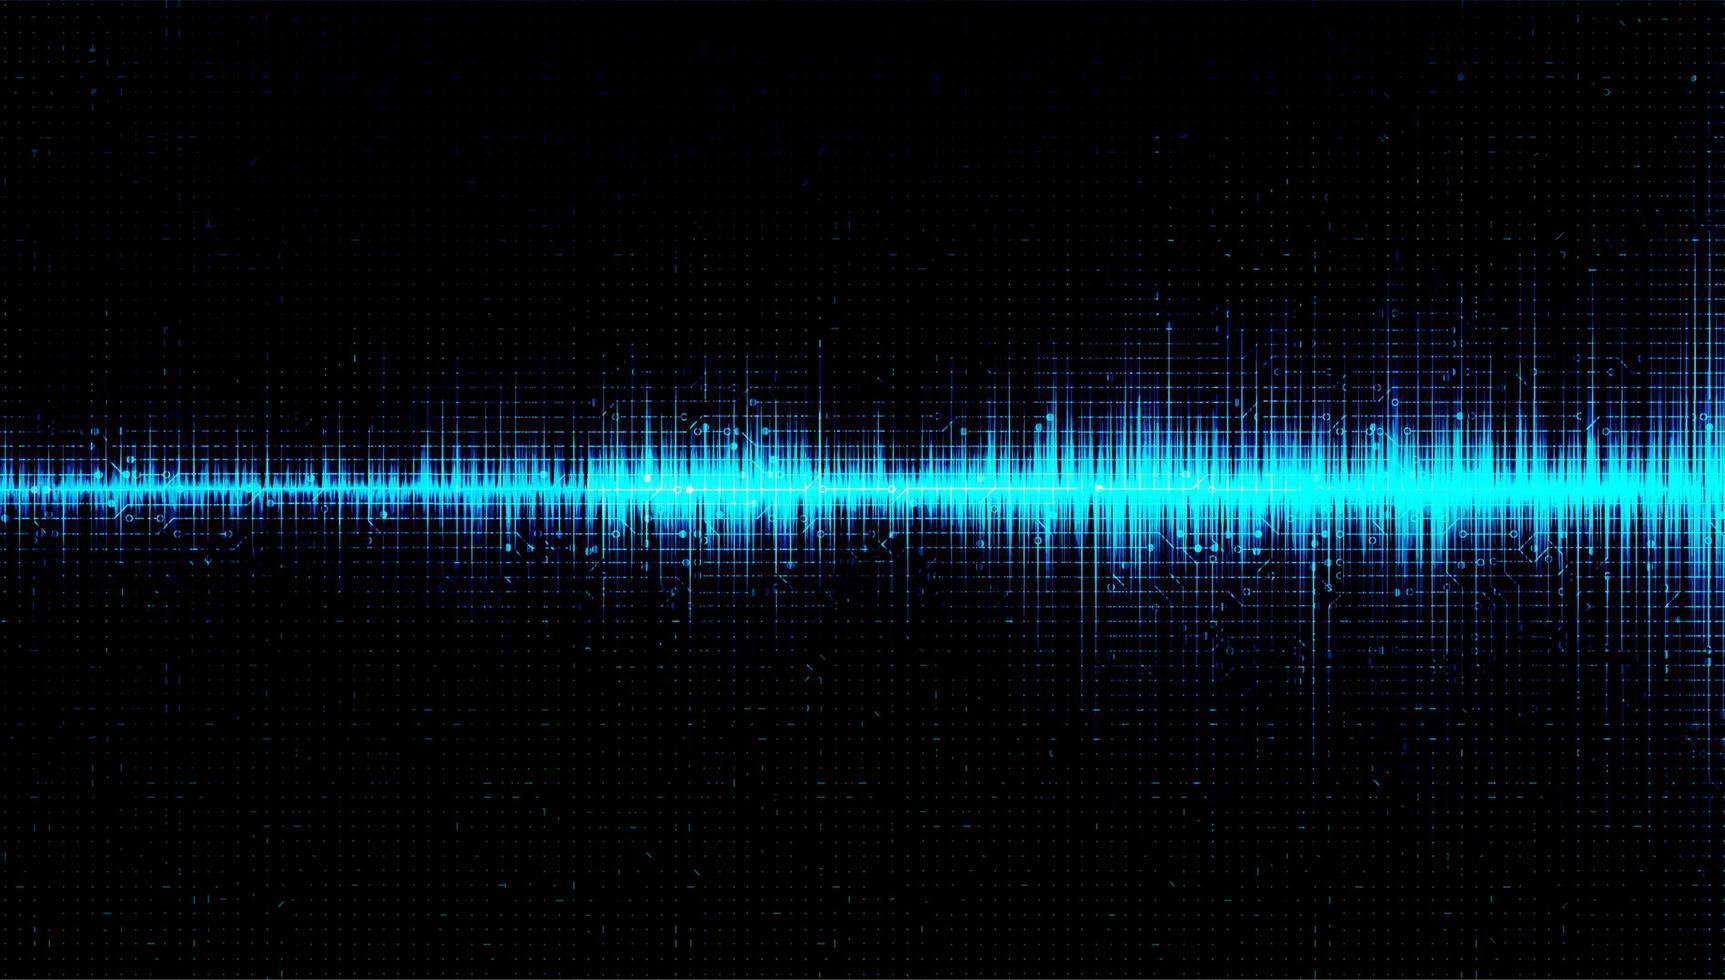 digitale geluidsgolf laag en hoog richterschaal met cirkeltrilling op lichtblauwe achtergrond vector